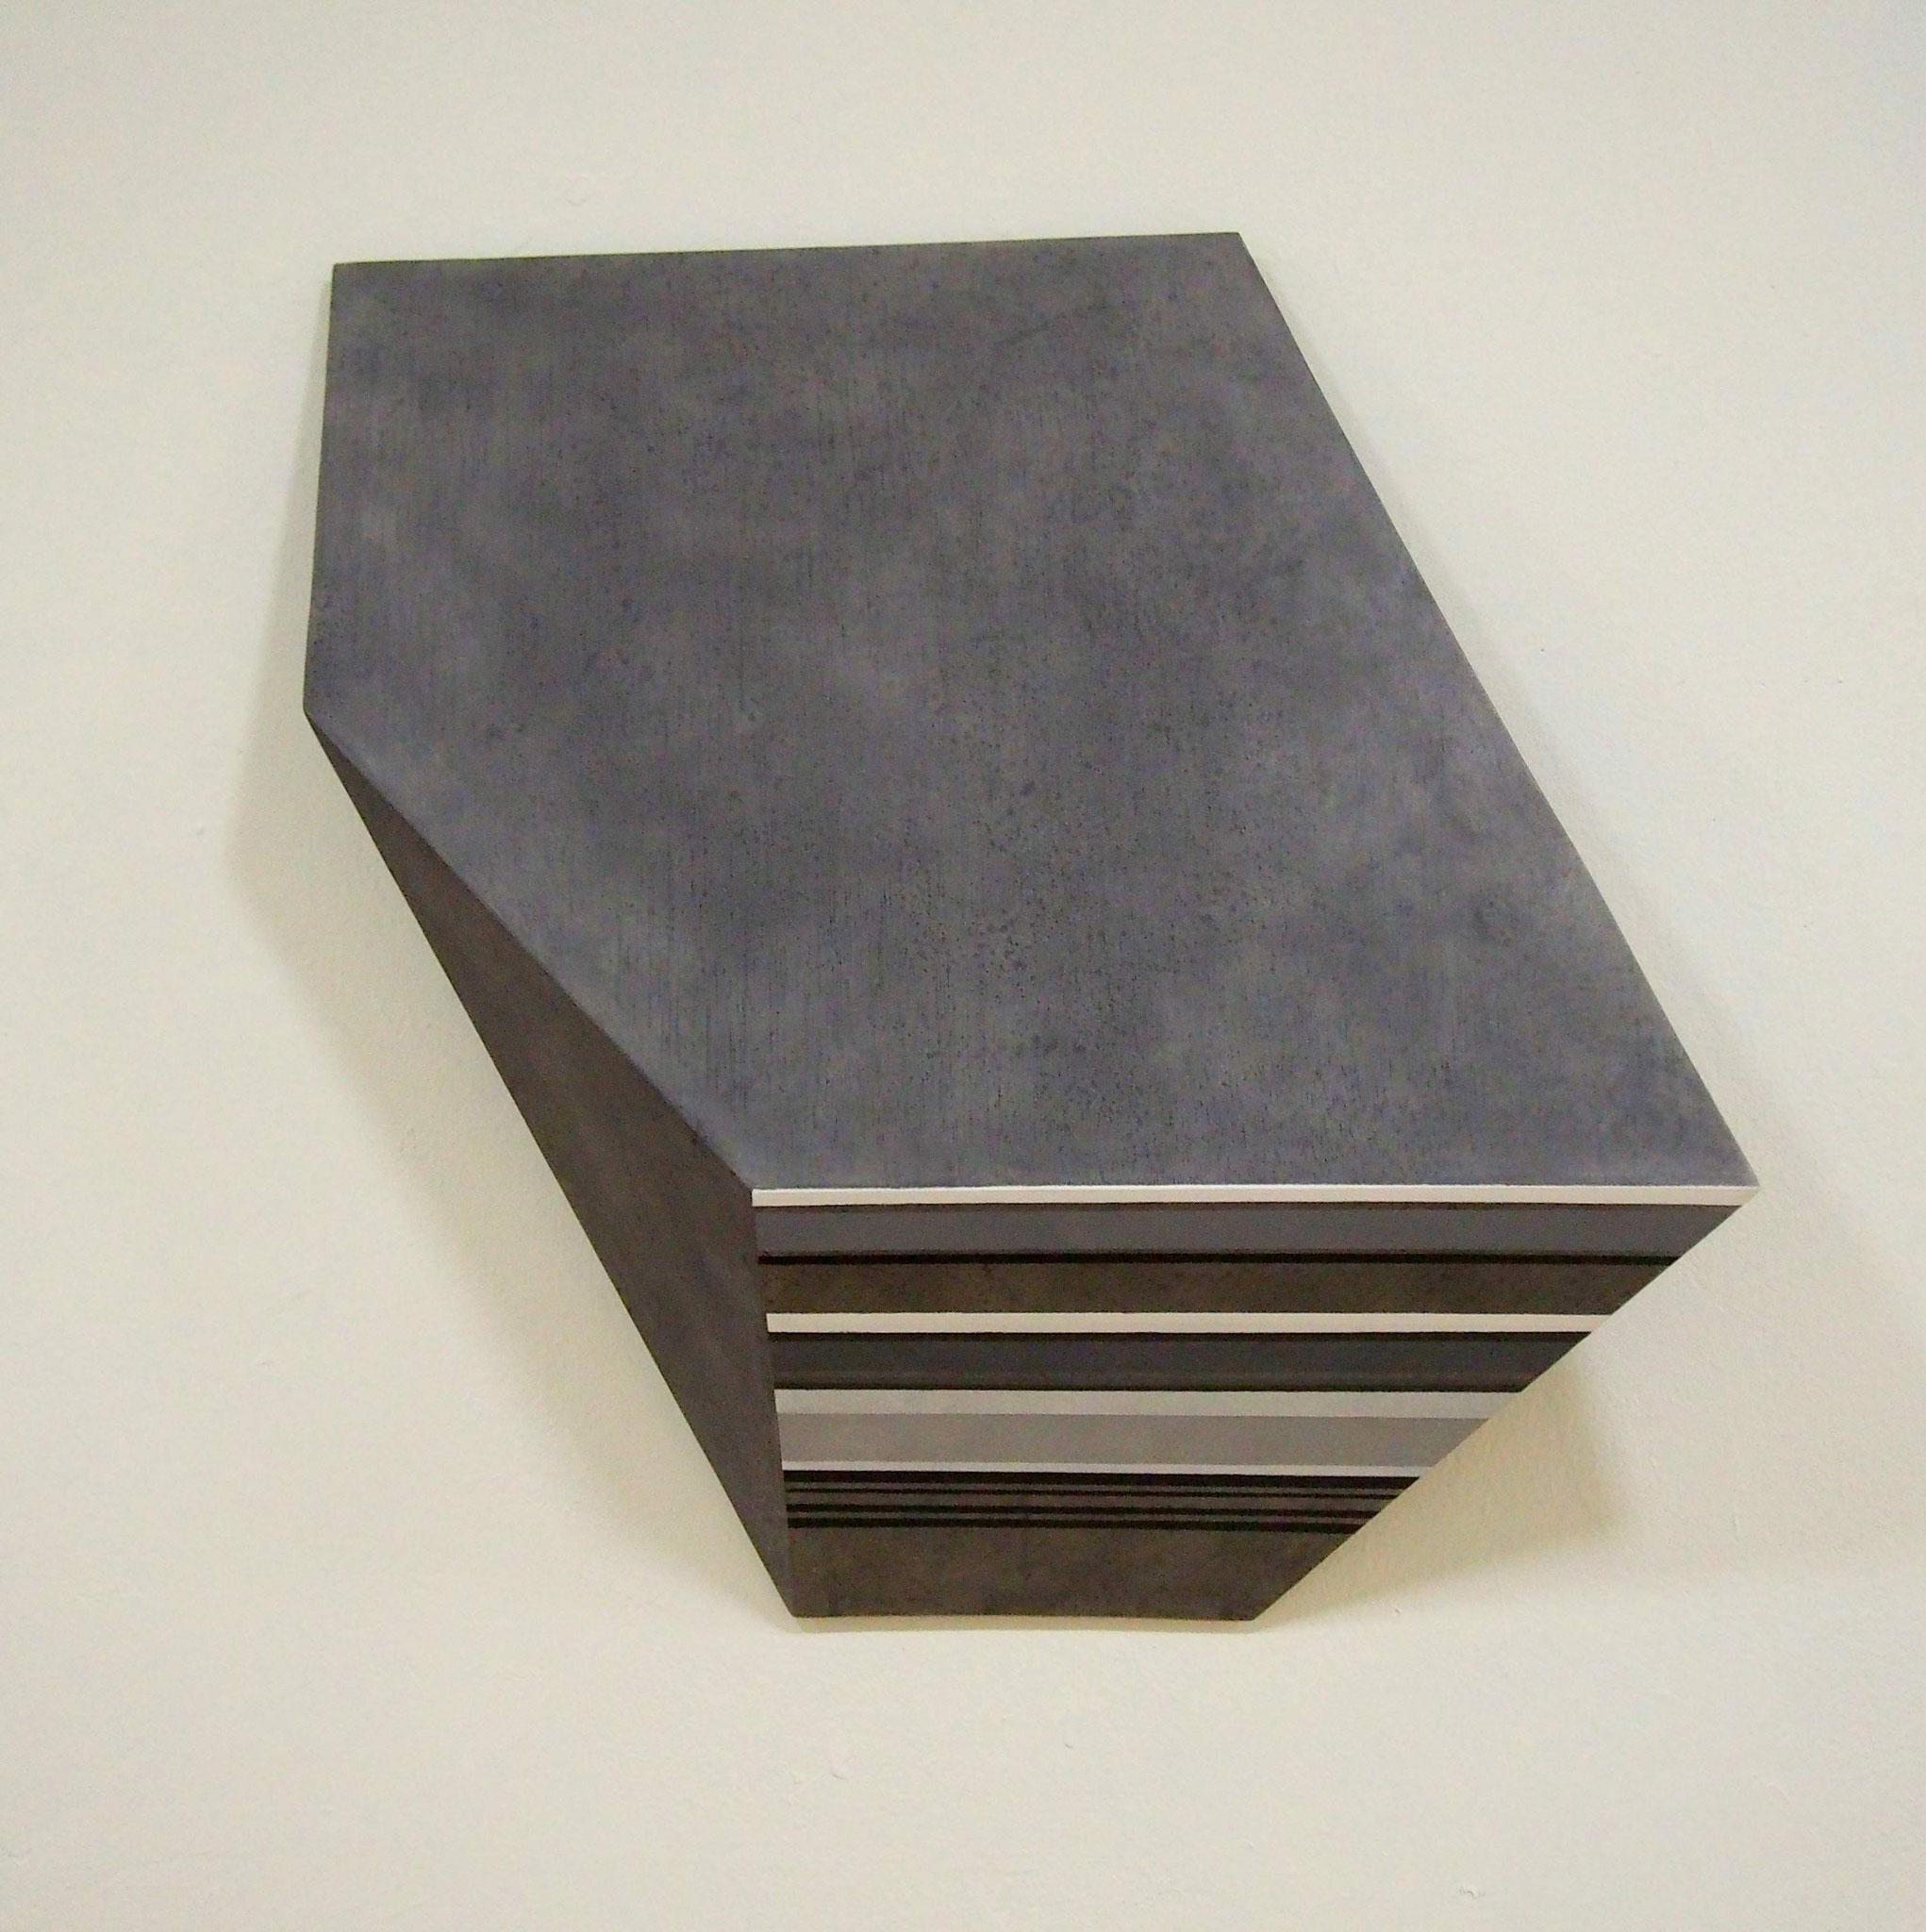 Pautas Acrílico y grafito sobre estructura de madera 55 x 55 x 12 cm